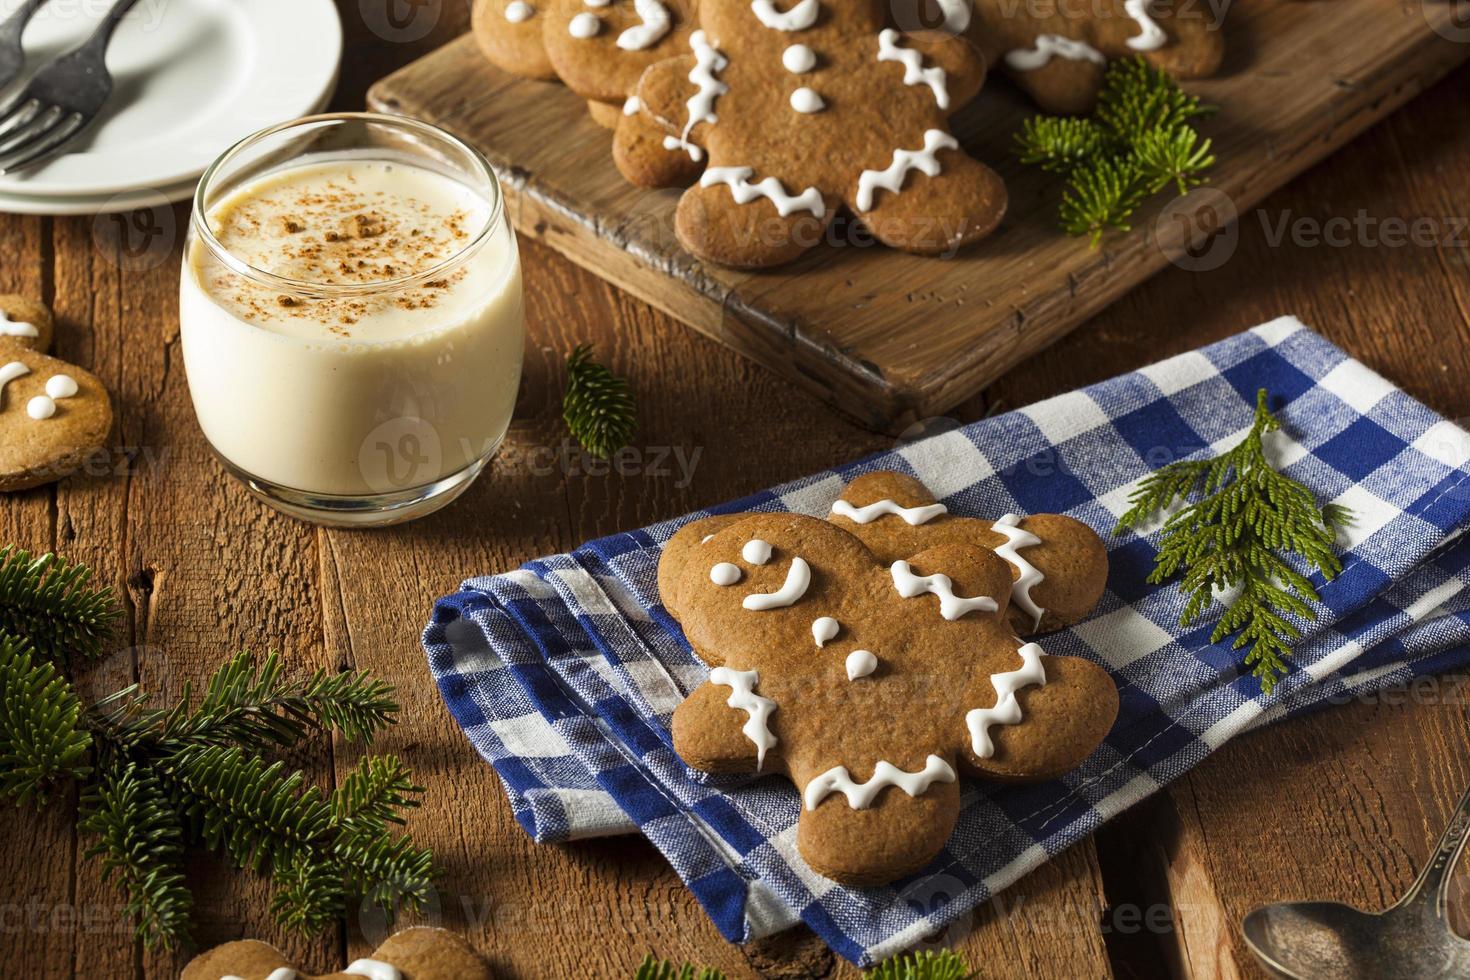 biscuits pour hommes en pain d'épice décorés maison photo